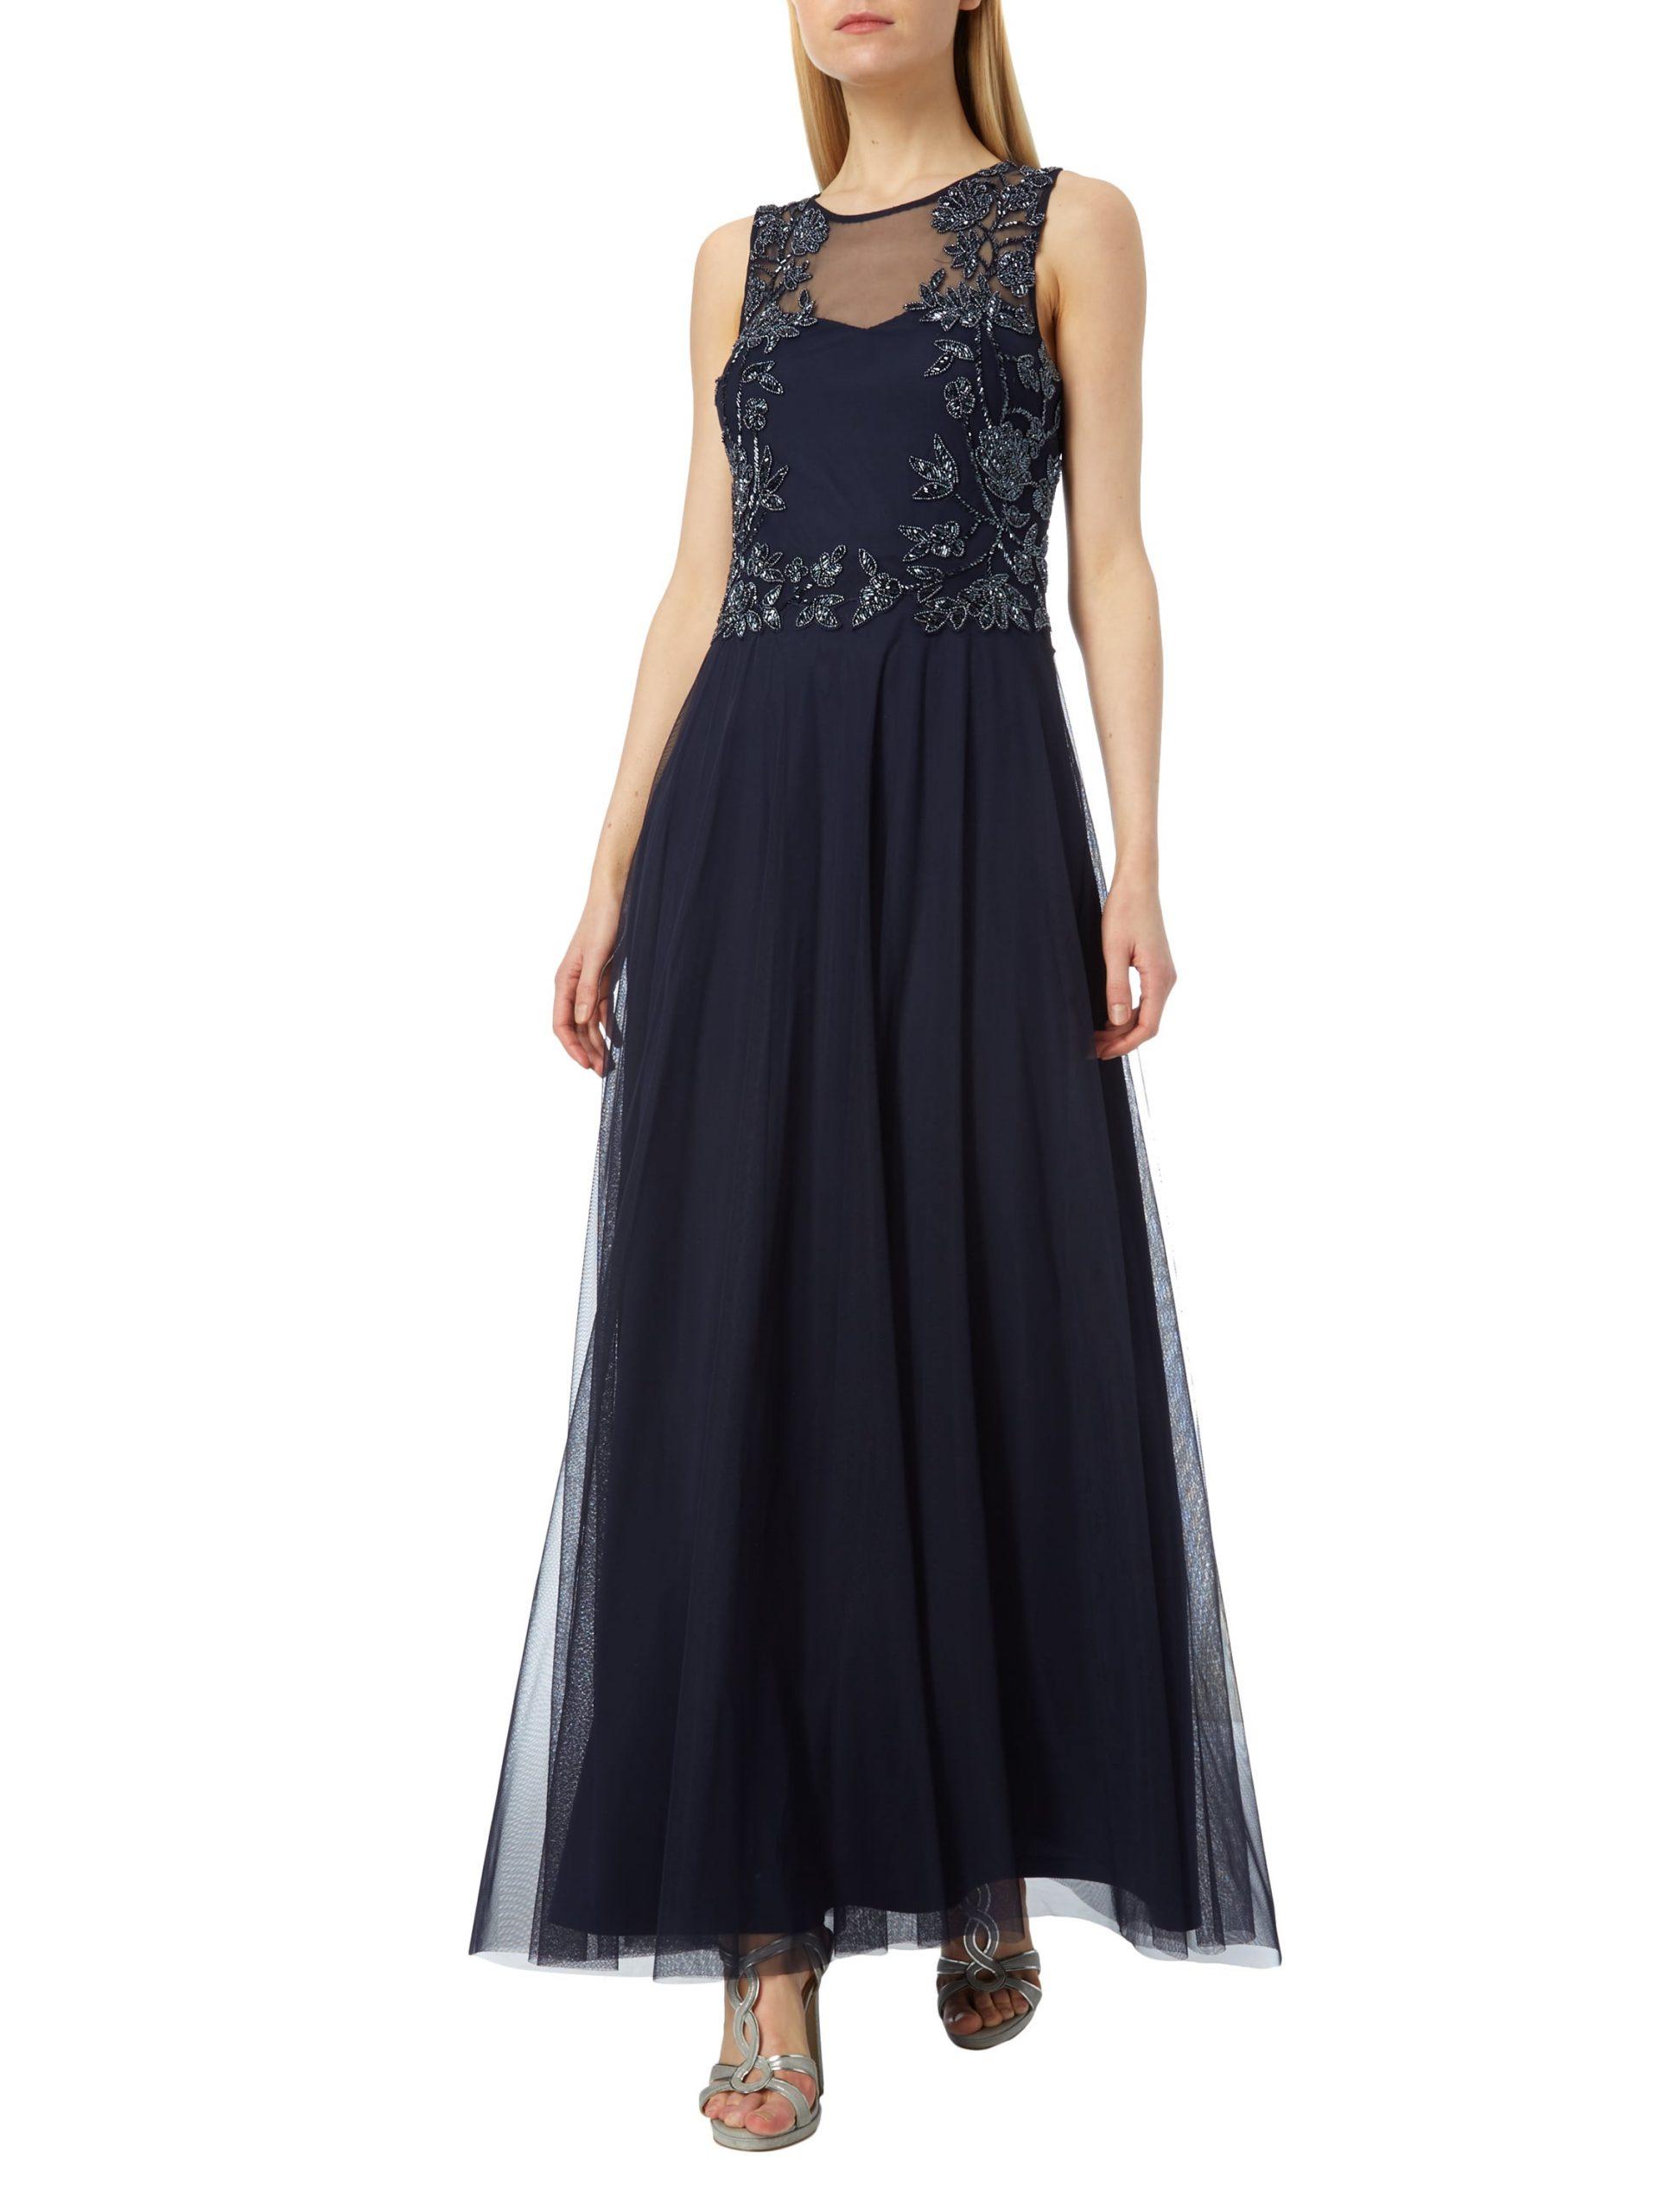 20 Wunderbar Reduzierte Abendkleider für 201910 Elegant Reduzierte Abendkleider Ärmel